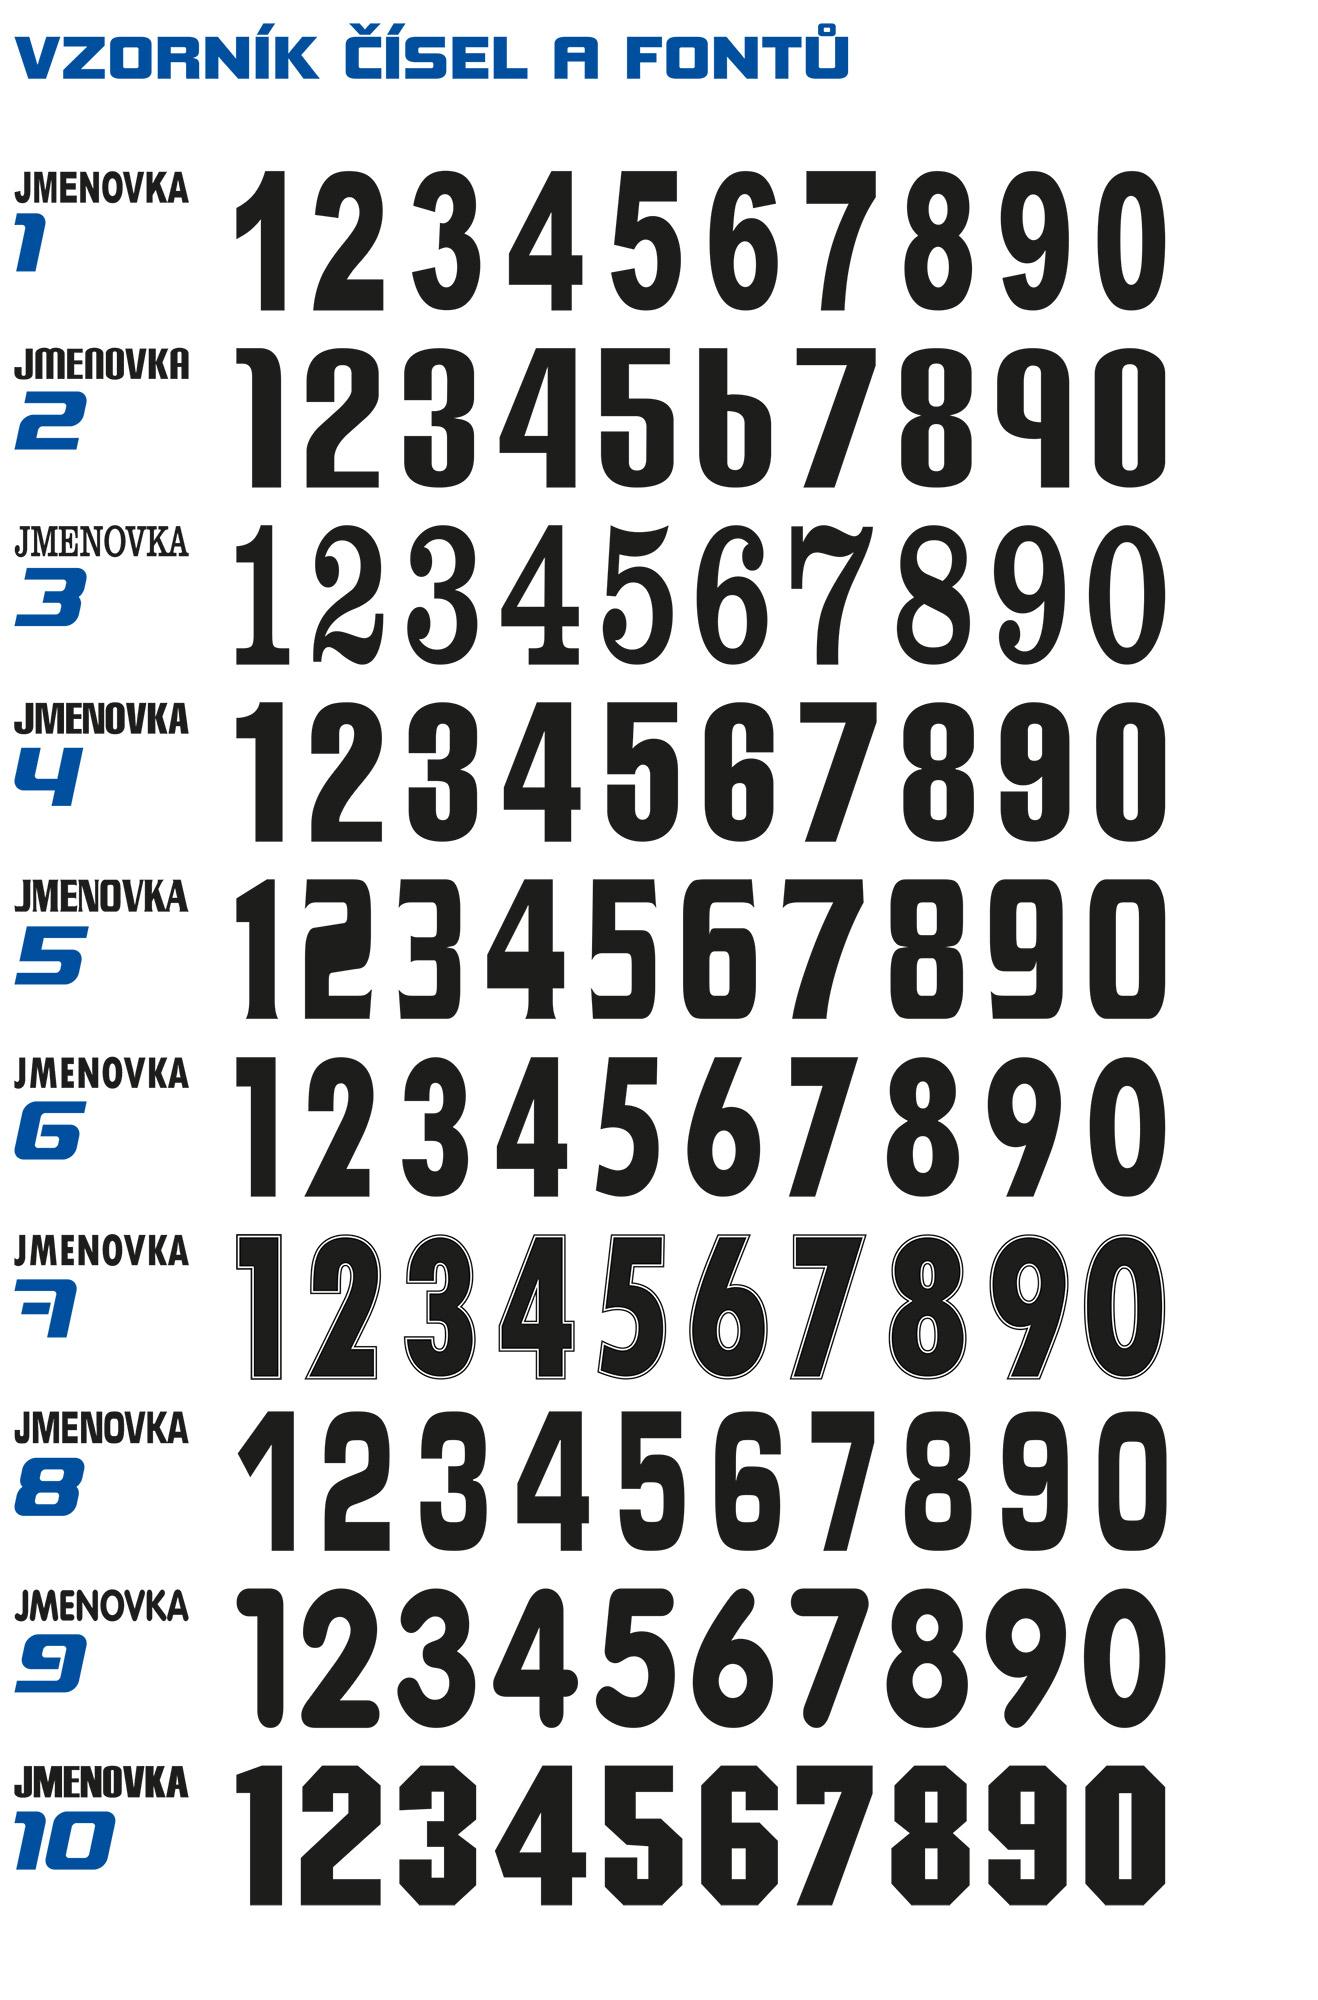 Vzorník čísel